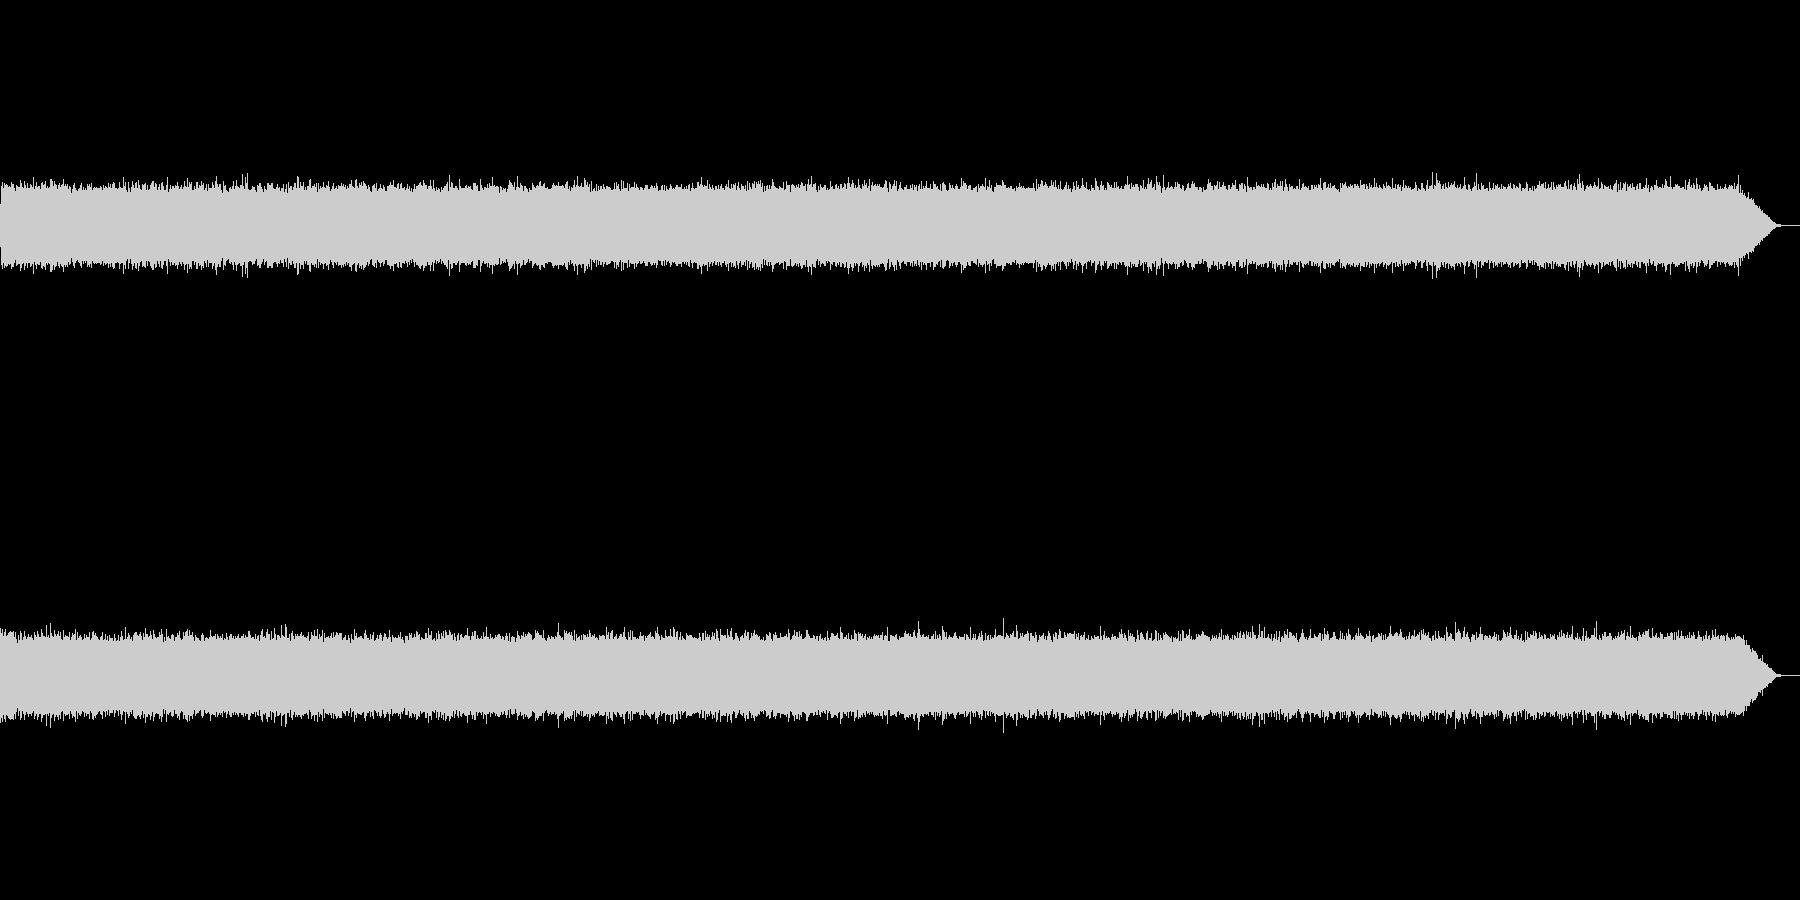 サーーー(テープノイズ-02-軽め)の未再生の波形